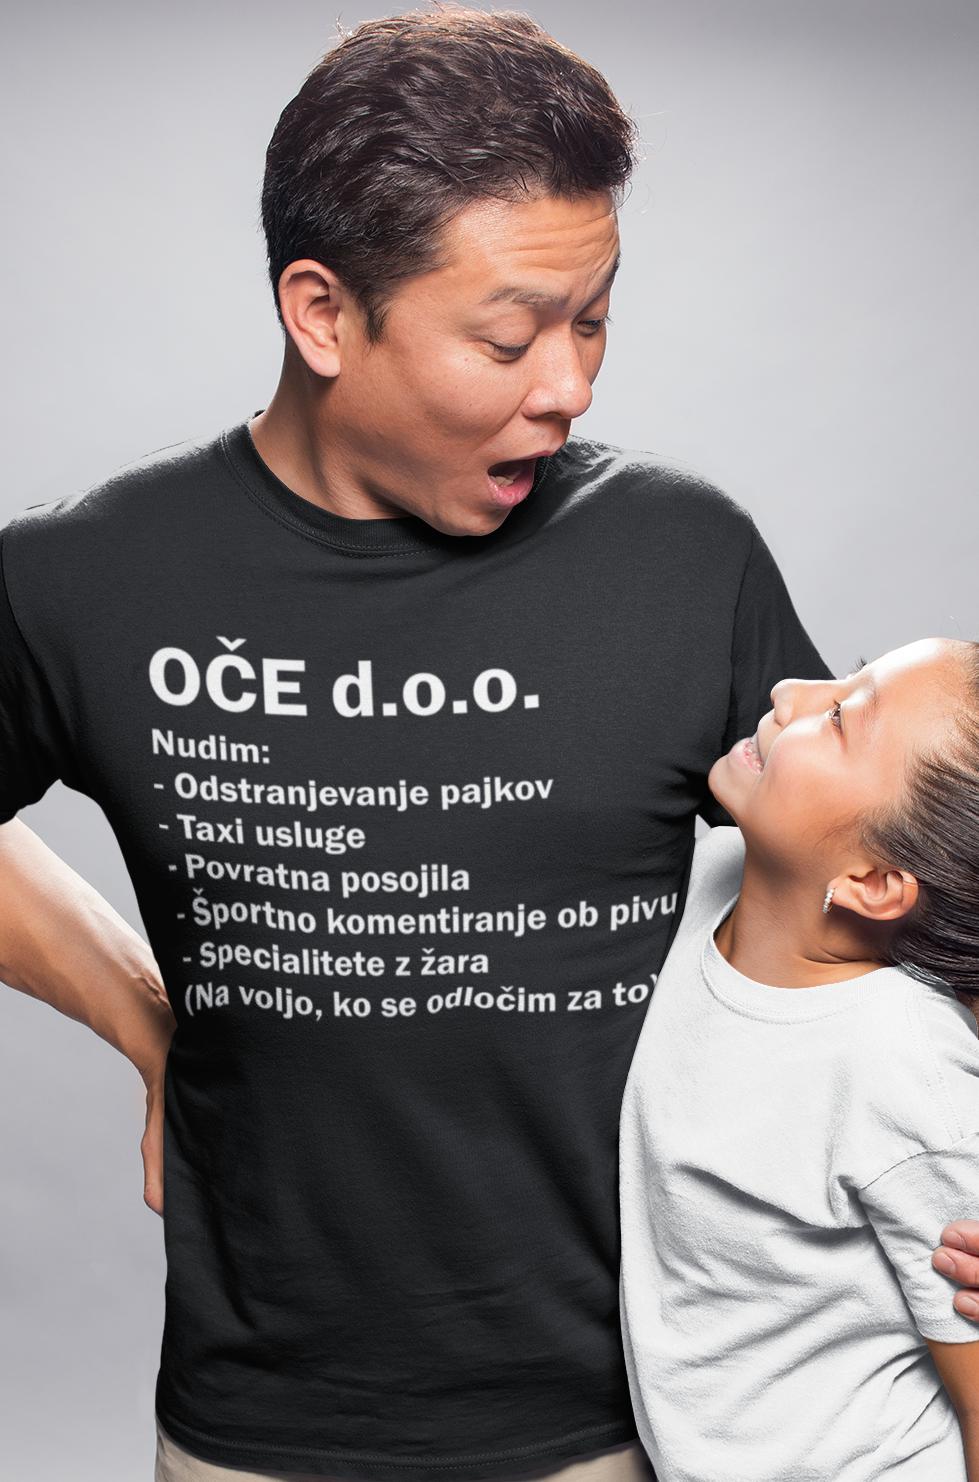 Smešna majica OČE d.o.o.